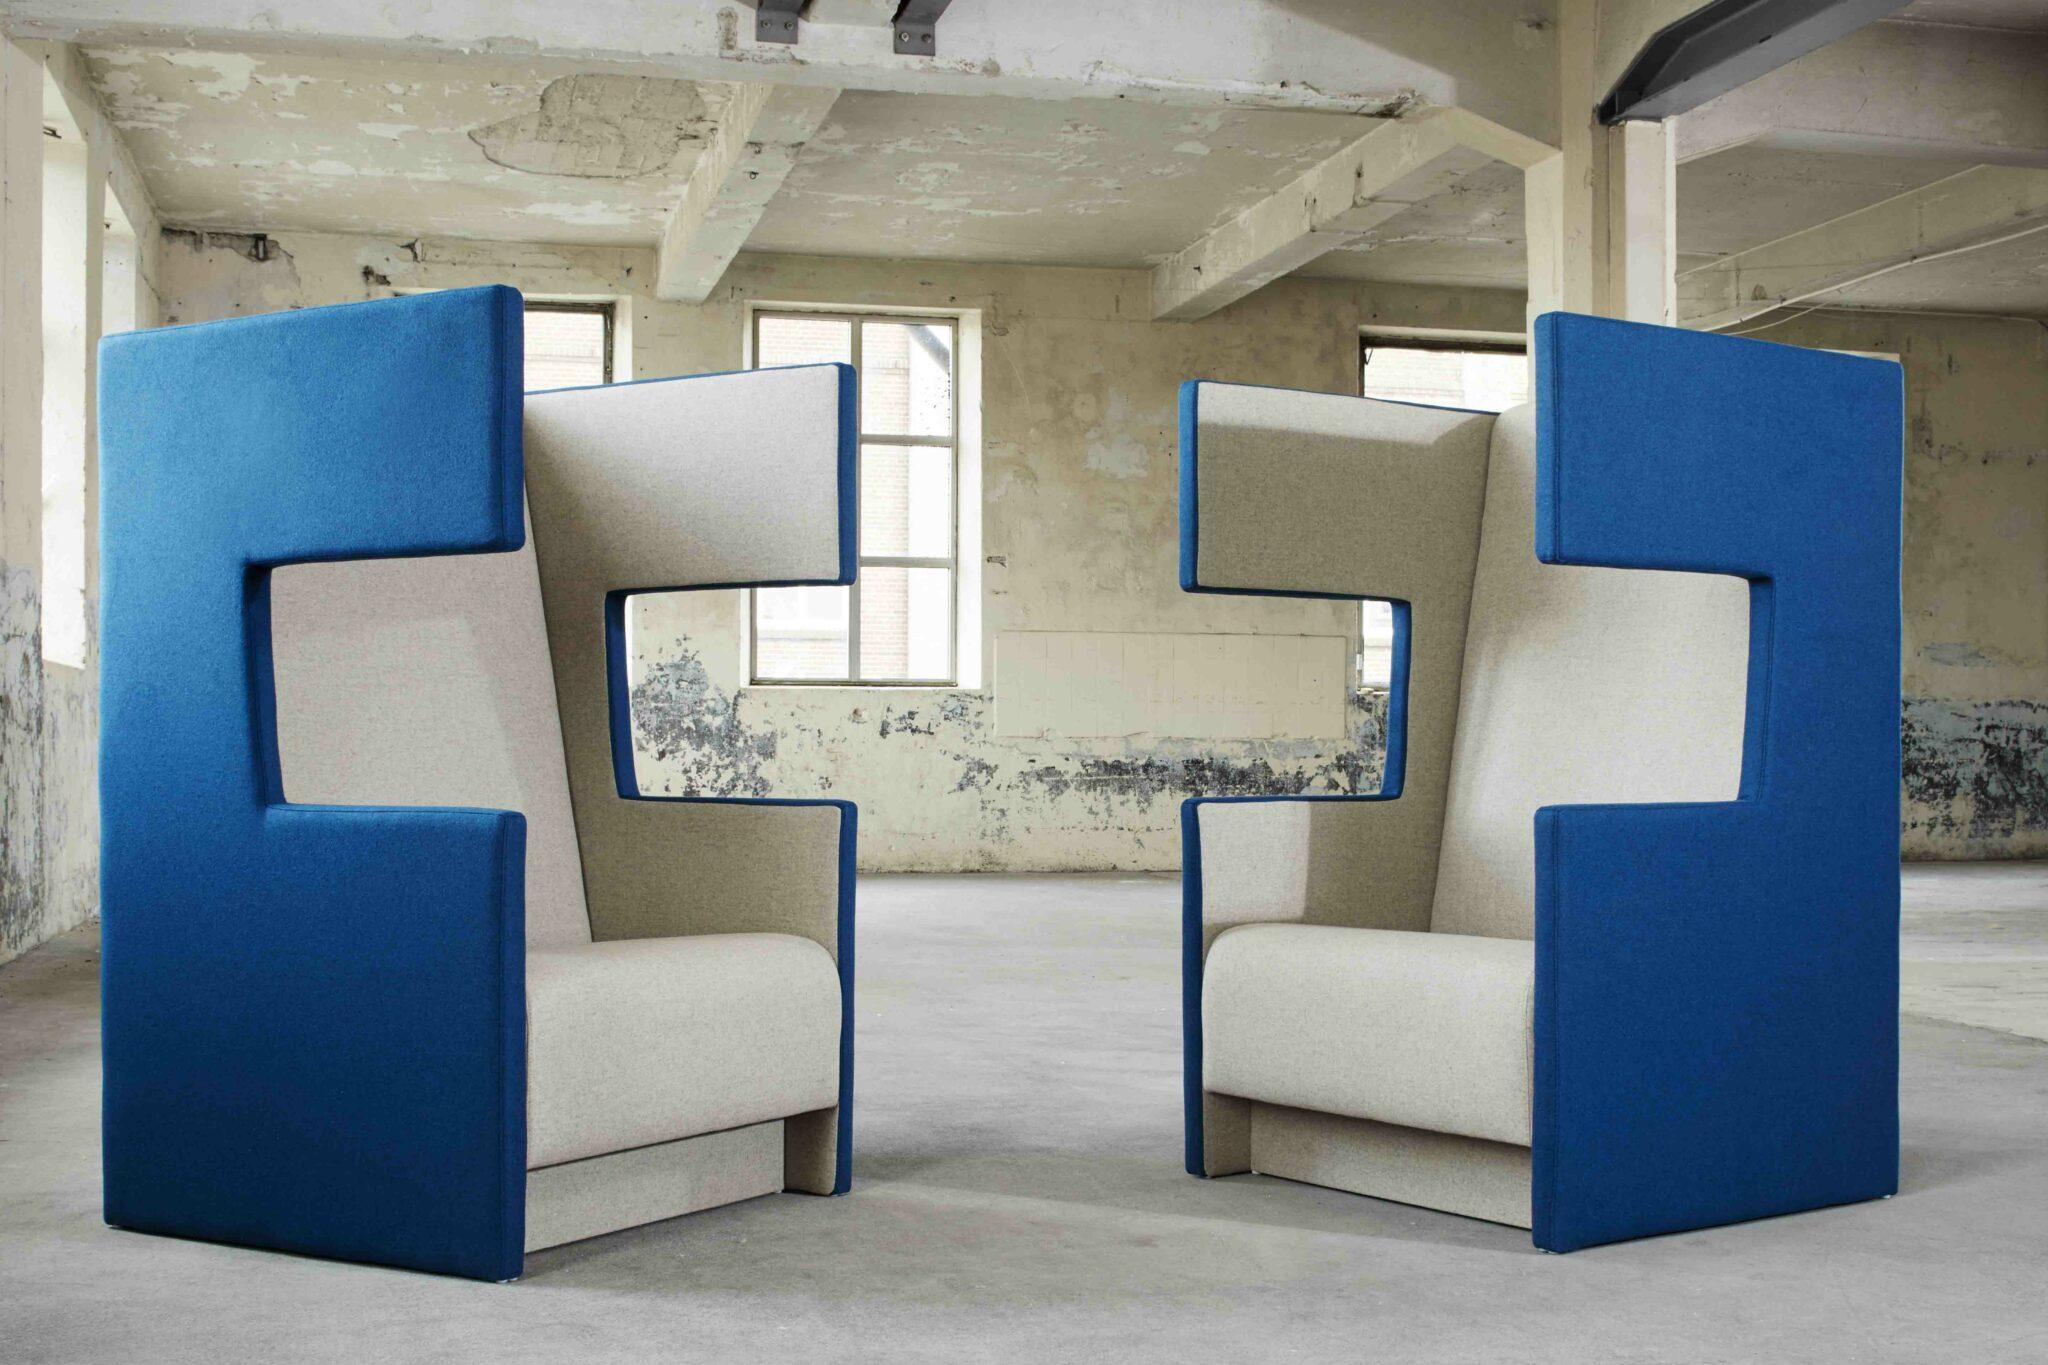 DAVANT kantoormeubilair gaja akoestiek Heering Office